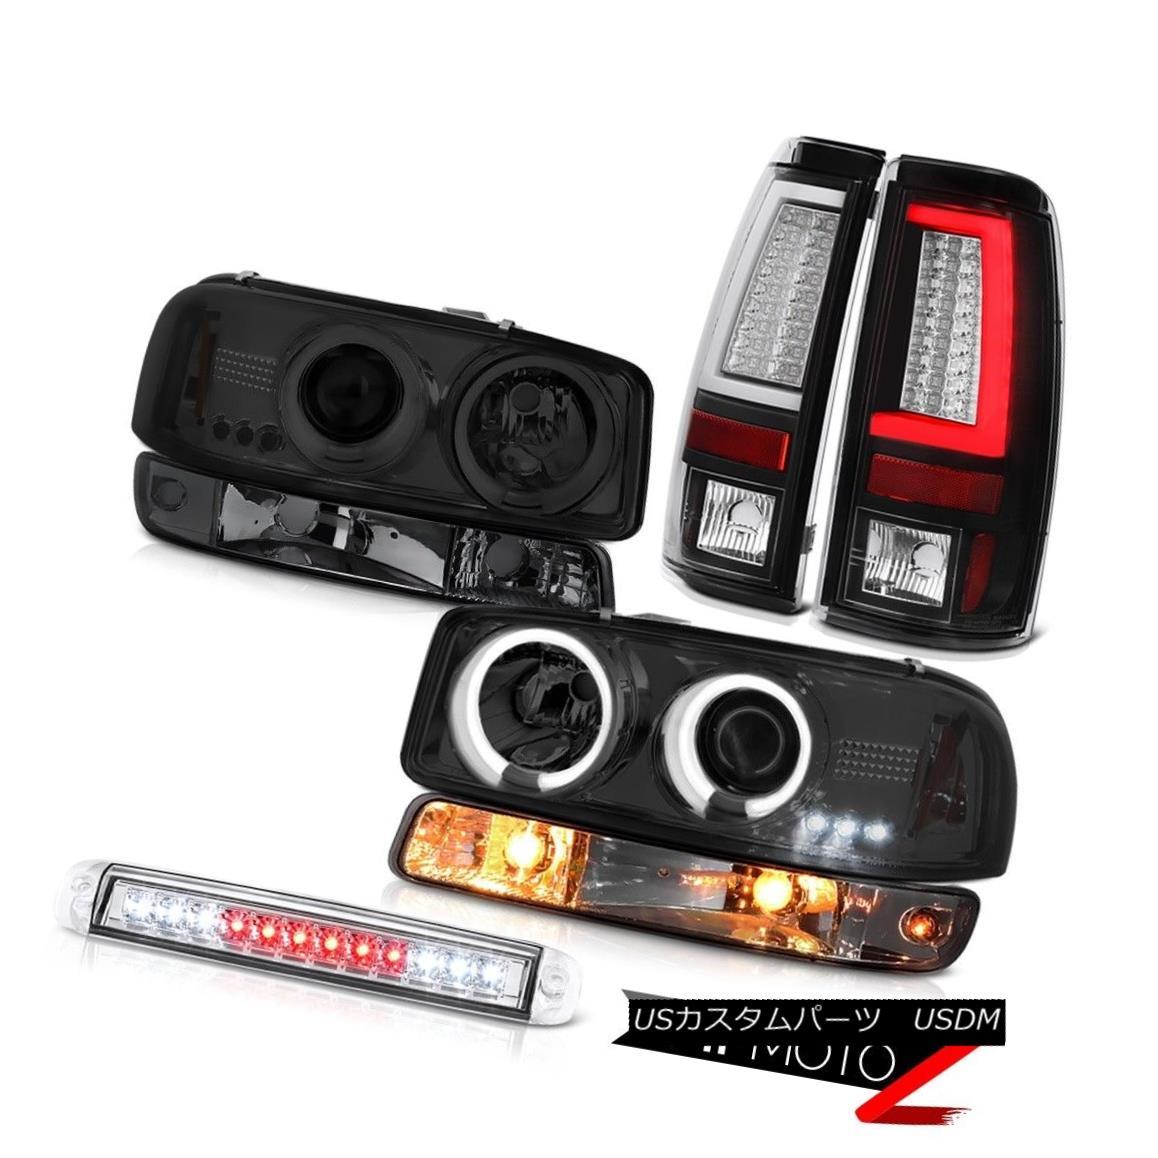 テールライト 1999-2006 Sierra SL Tail Brake Lights Roof Lamp Parking CCFL Headlamps Neon Tube 1999-2006シエラSLテールブレーキライトルーフランプパーキングCCFLヘッドランプネオンチューブ